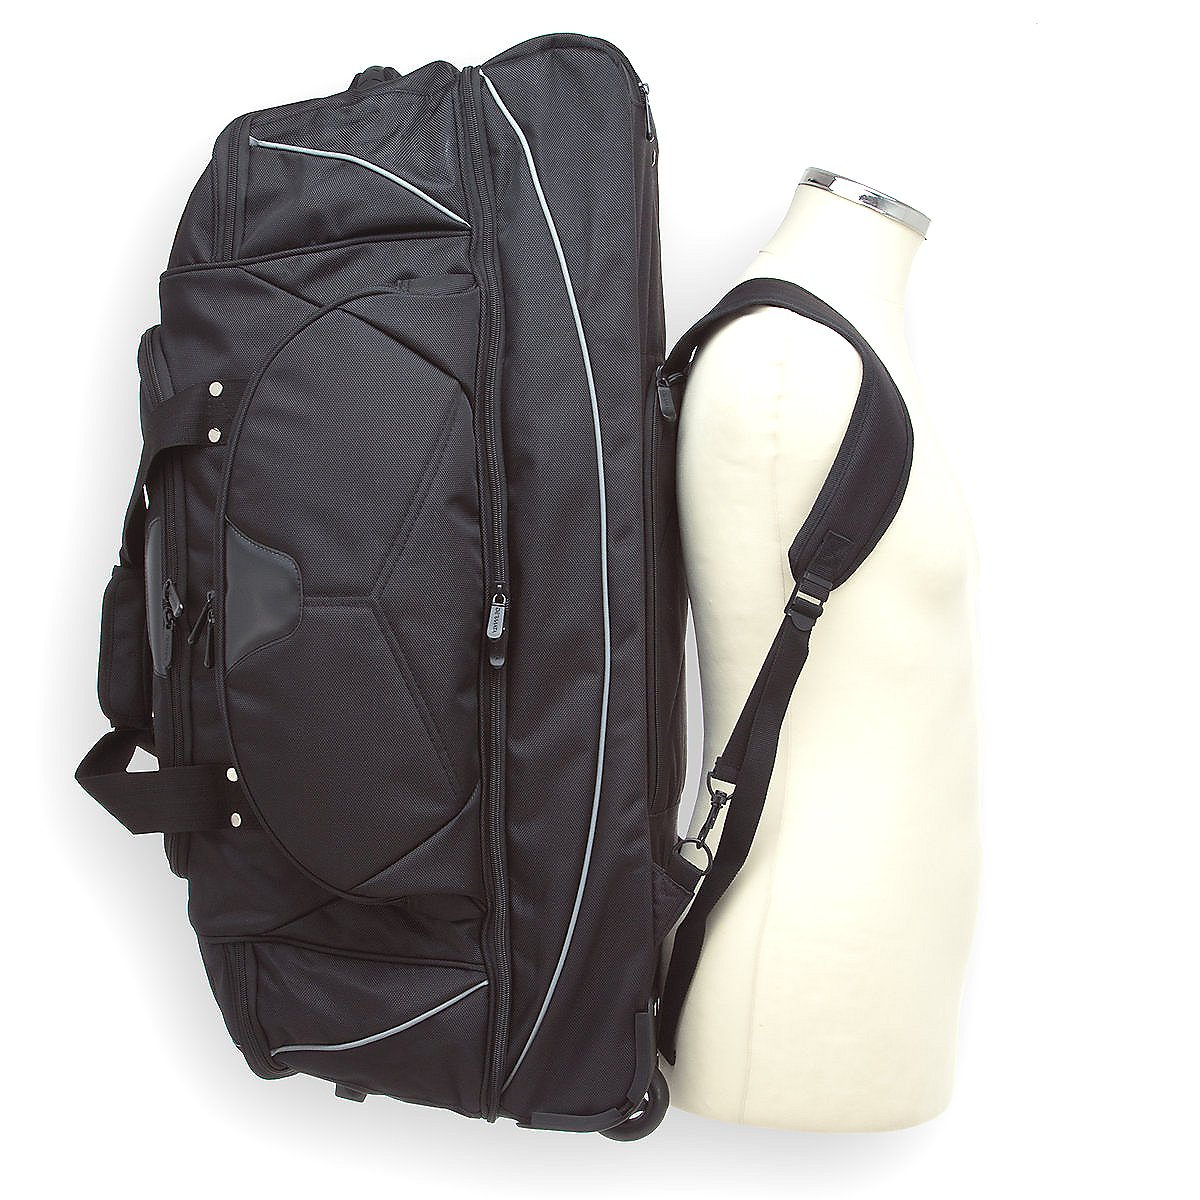 reisetasche mit rollen wie gro muss eine reisetasche mit rollen sein preiswerter reisetasche. Black Bedroom Furniture Sets. Home Design Ideas